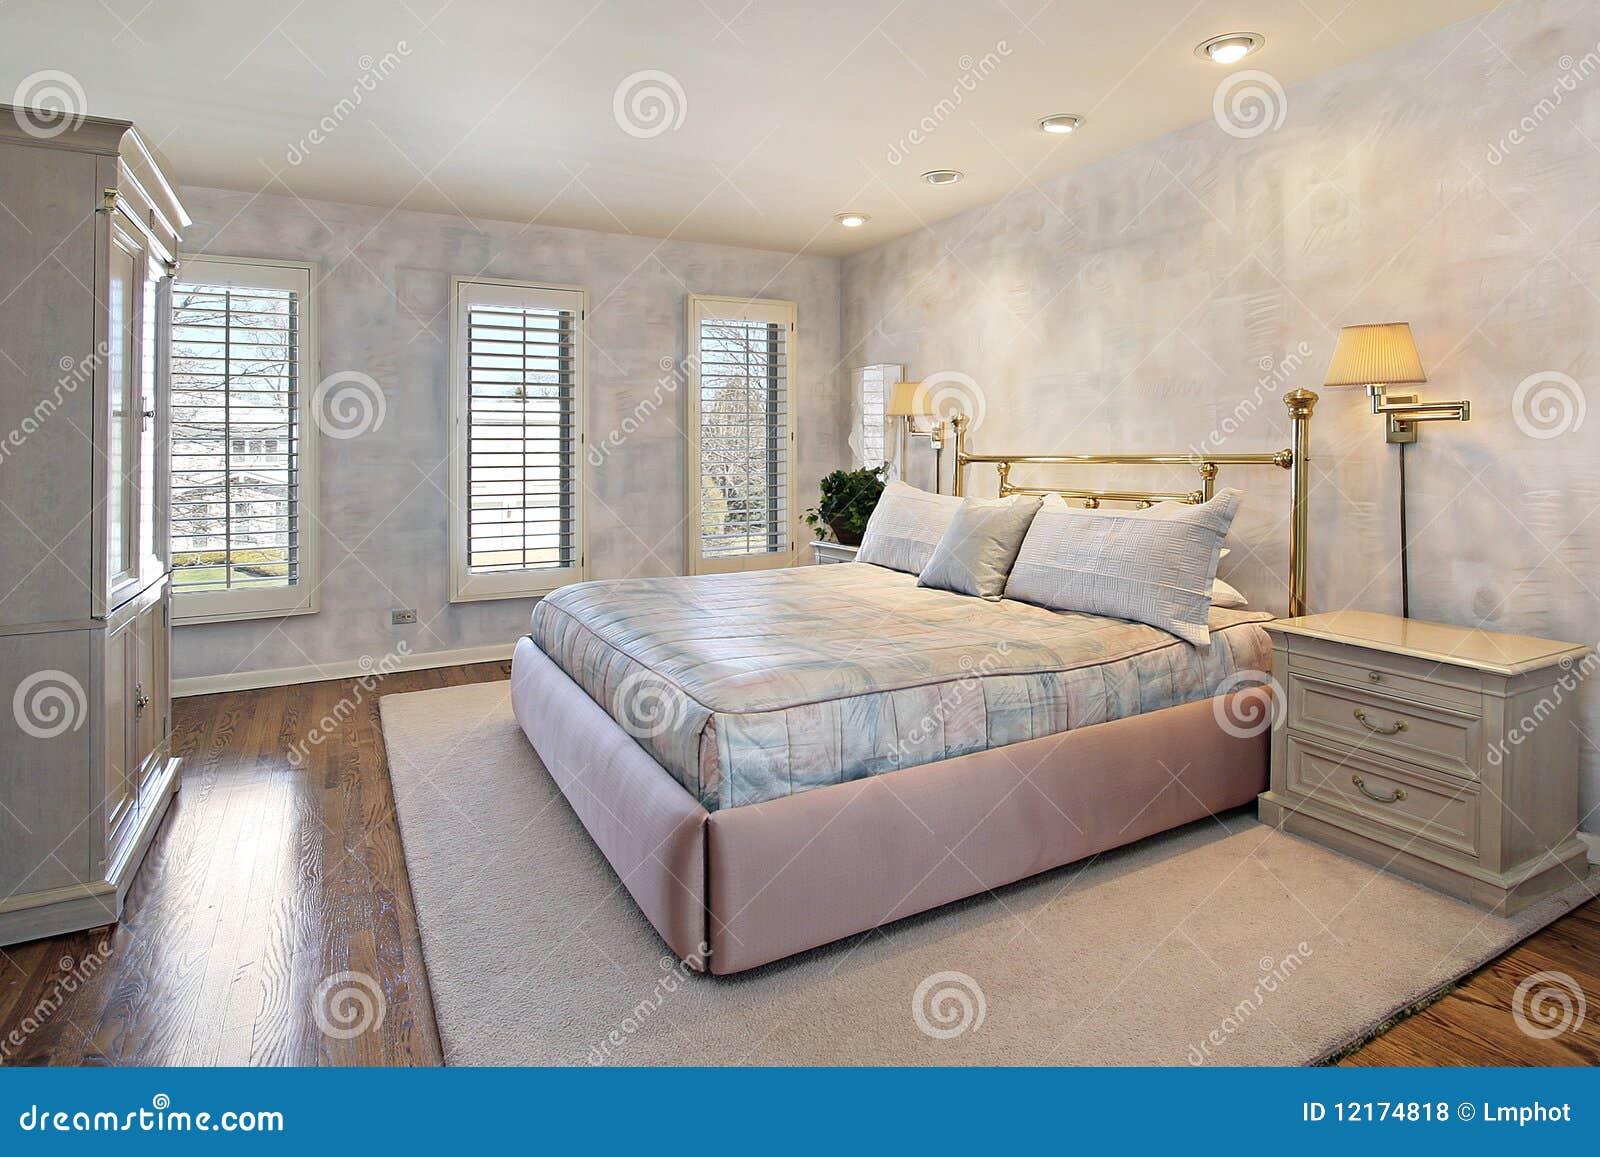 Gallery of libere da diritti camera da letto matrice con i - Pavimenti per camere da letto ...